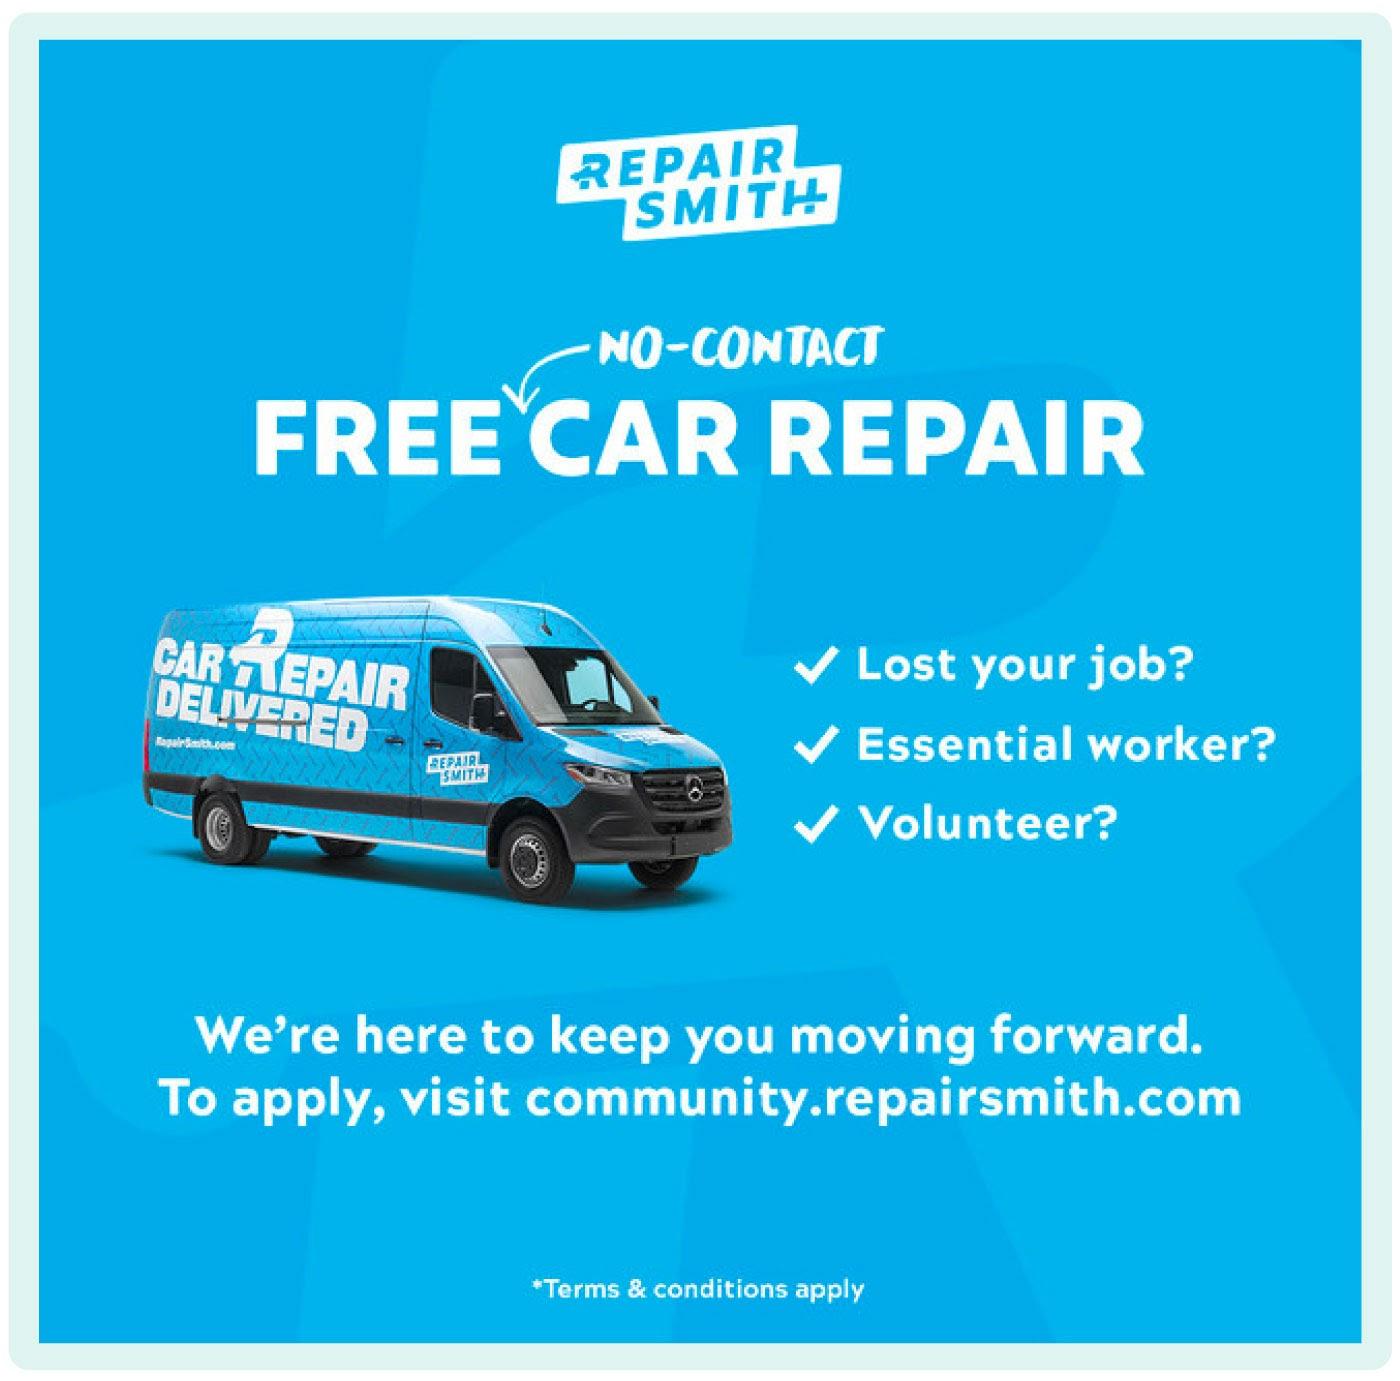 RepairSmith free car repair service during the pandemic